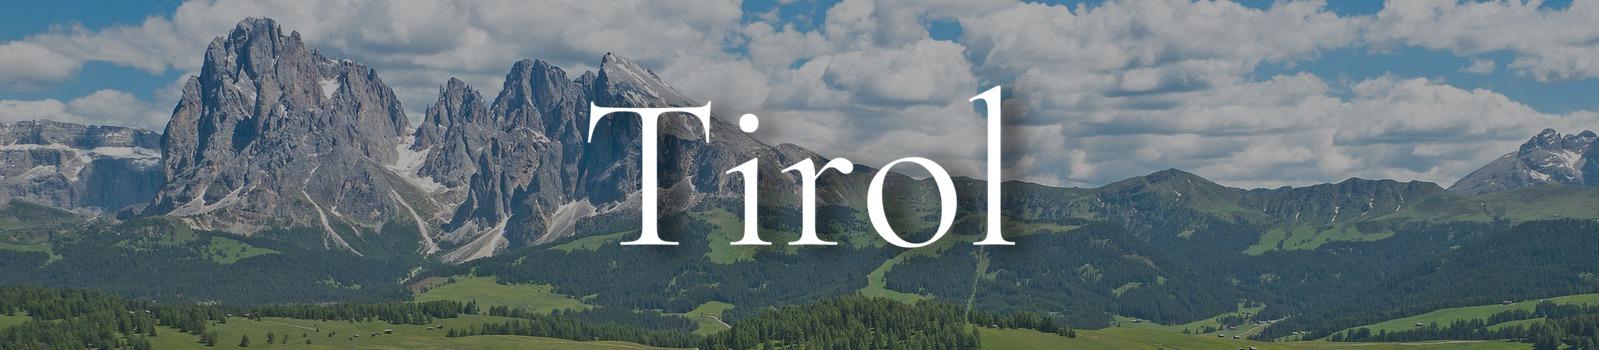 Tirol Banner